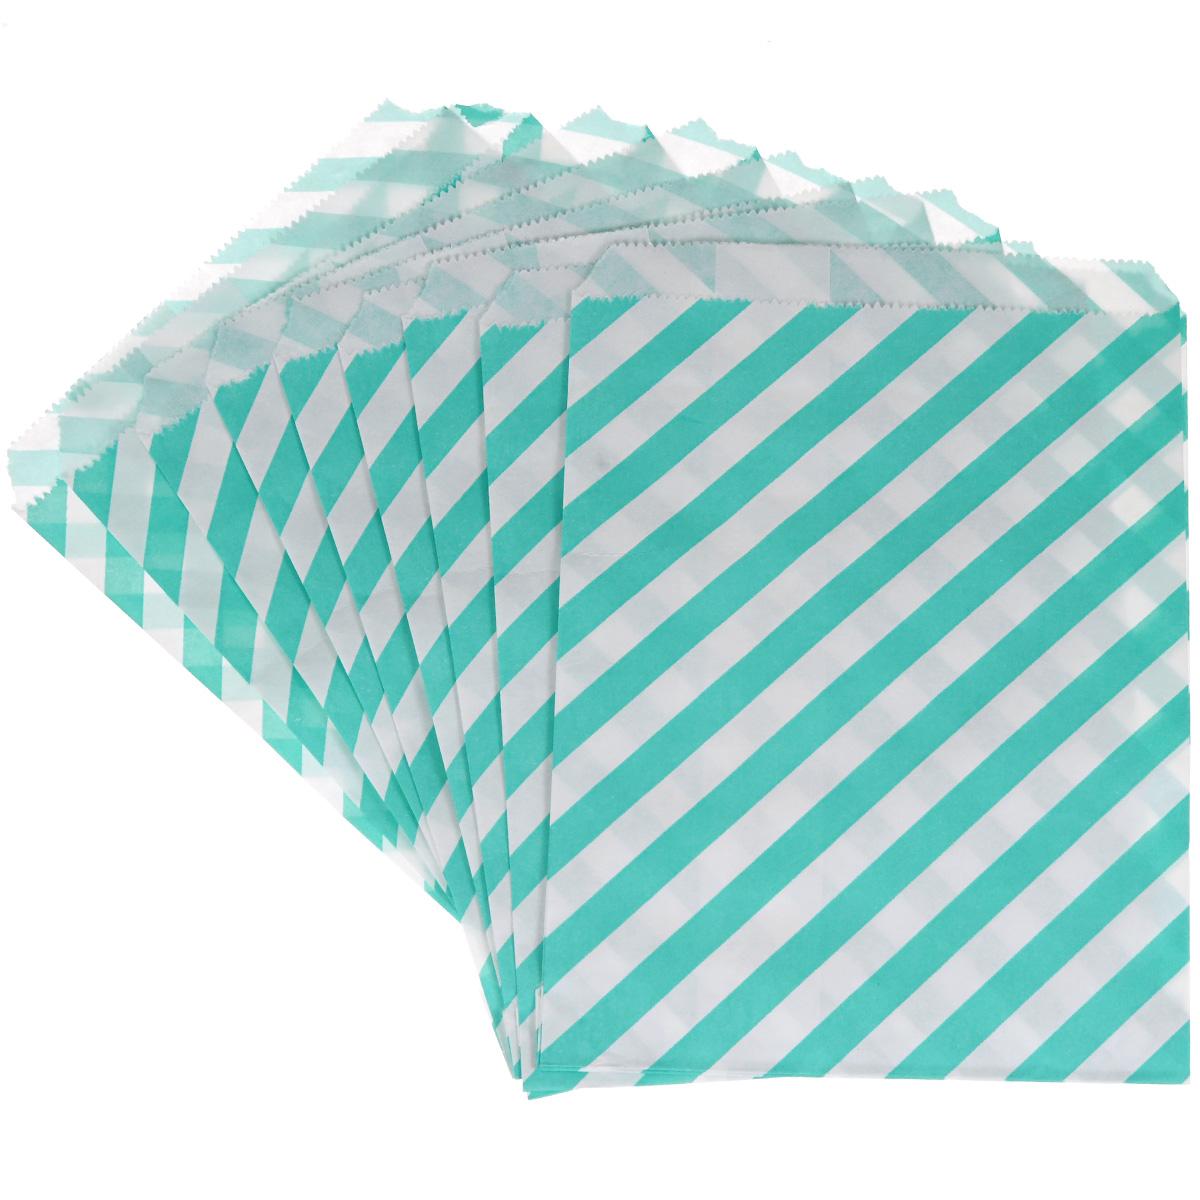 Пакеты бумажные Dolce Arti Rayet, для выпекания, цвет: мятный, 10 штDA040204Бумажные пакеты Dolce Arti Rayet очень многофункциональны. Их можно использовать насколько хватит вашей фантазии: для выпекания, для упаковки маленьких подарков, сладостей и многого другого. Размер: 13 см х 18 см.